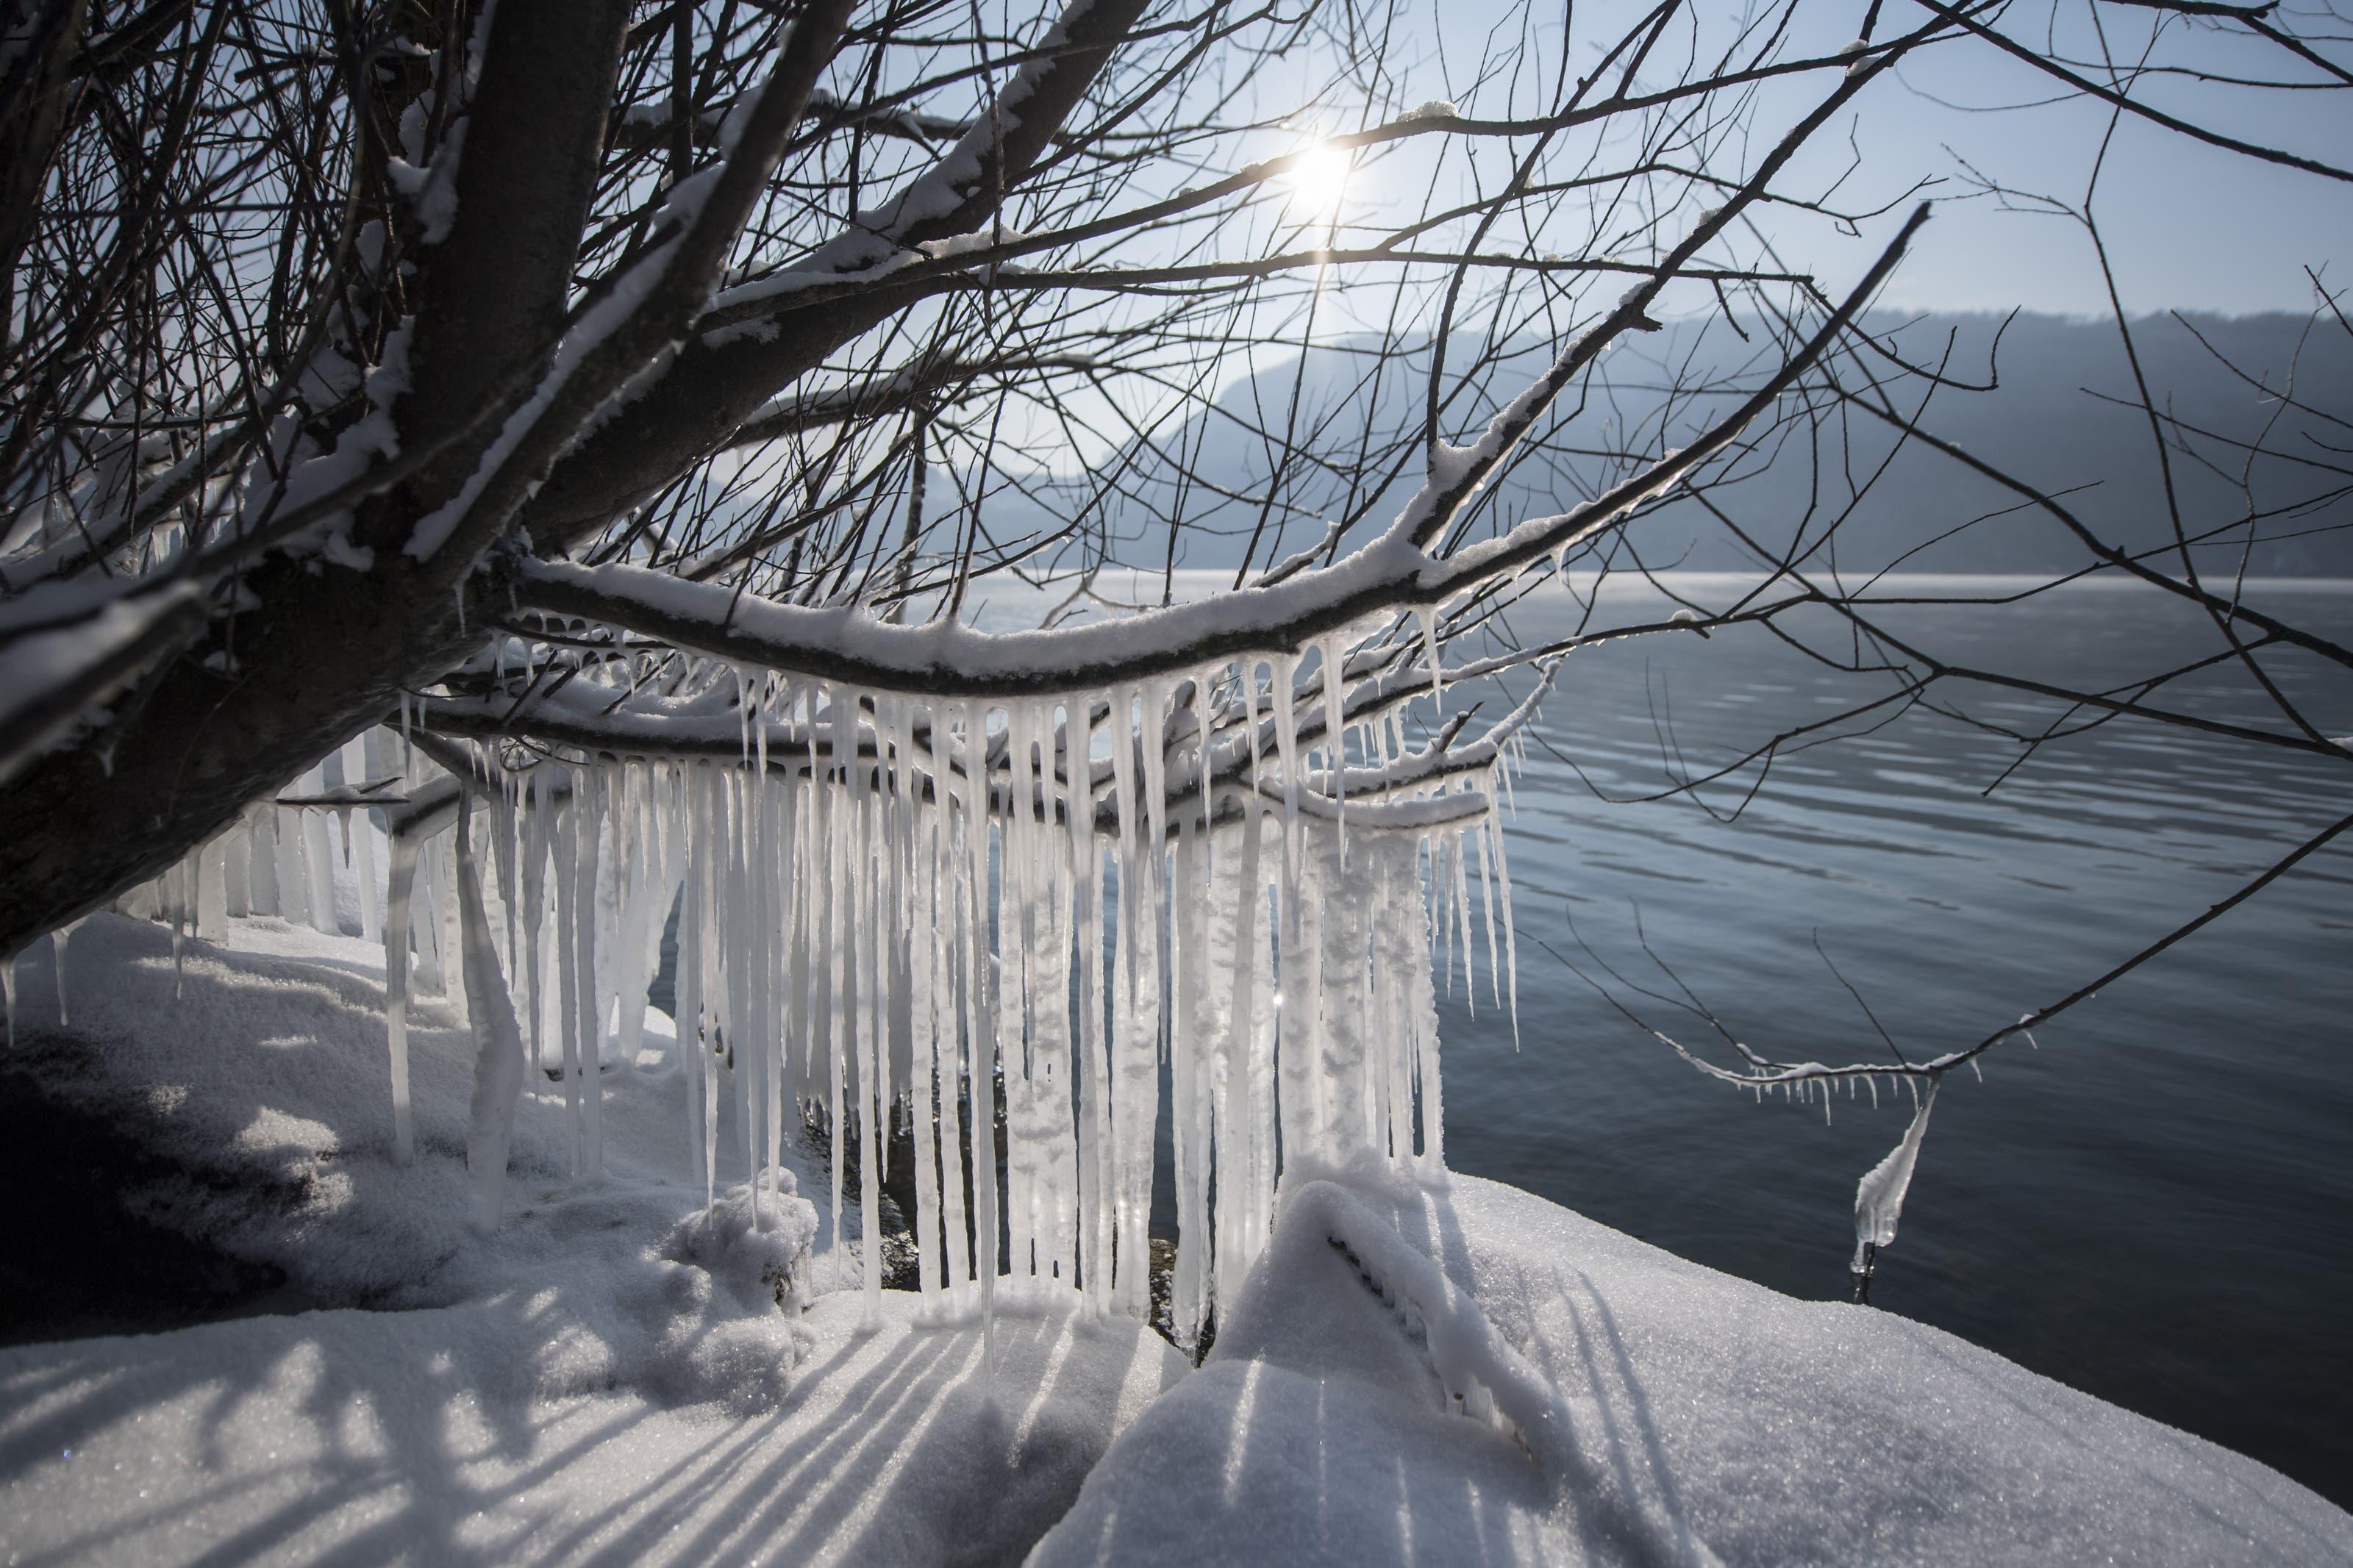 Eisskulpturen bilden sich durch die Kaelte von rund -10 Grad am Ufer des Alpnachersee in Alpnach.